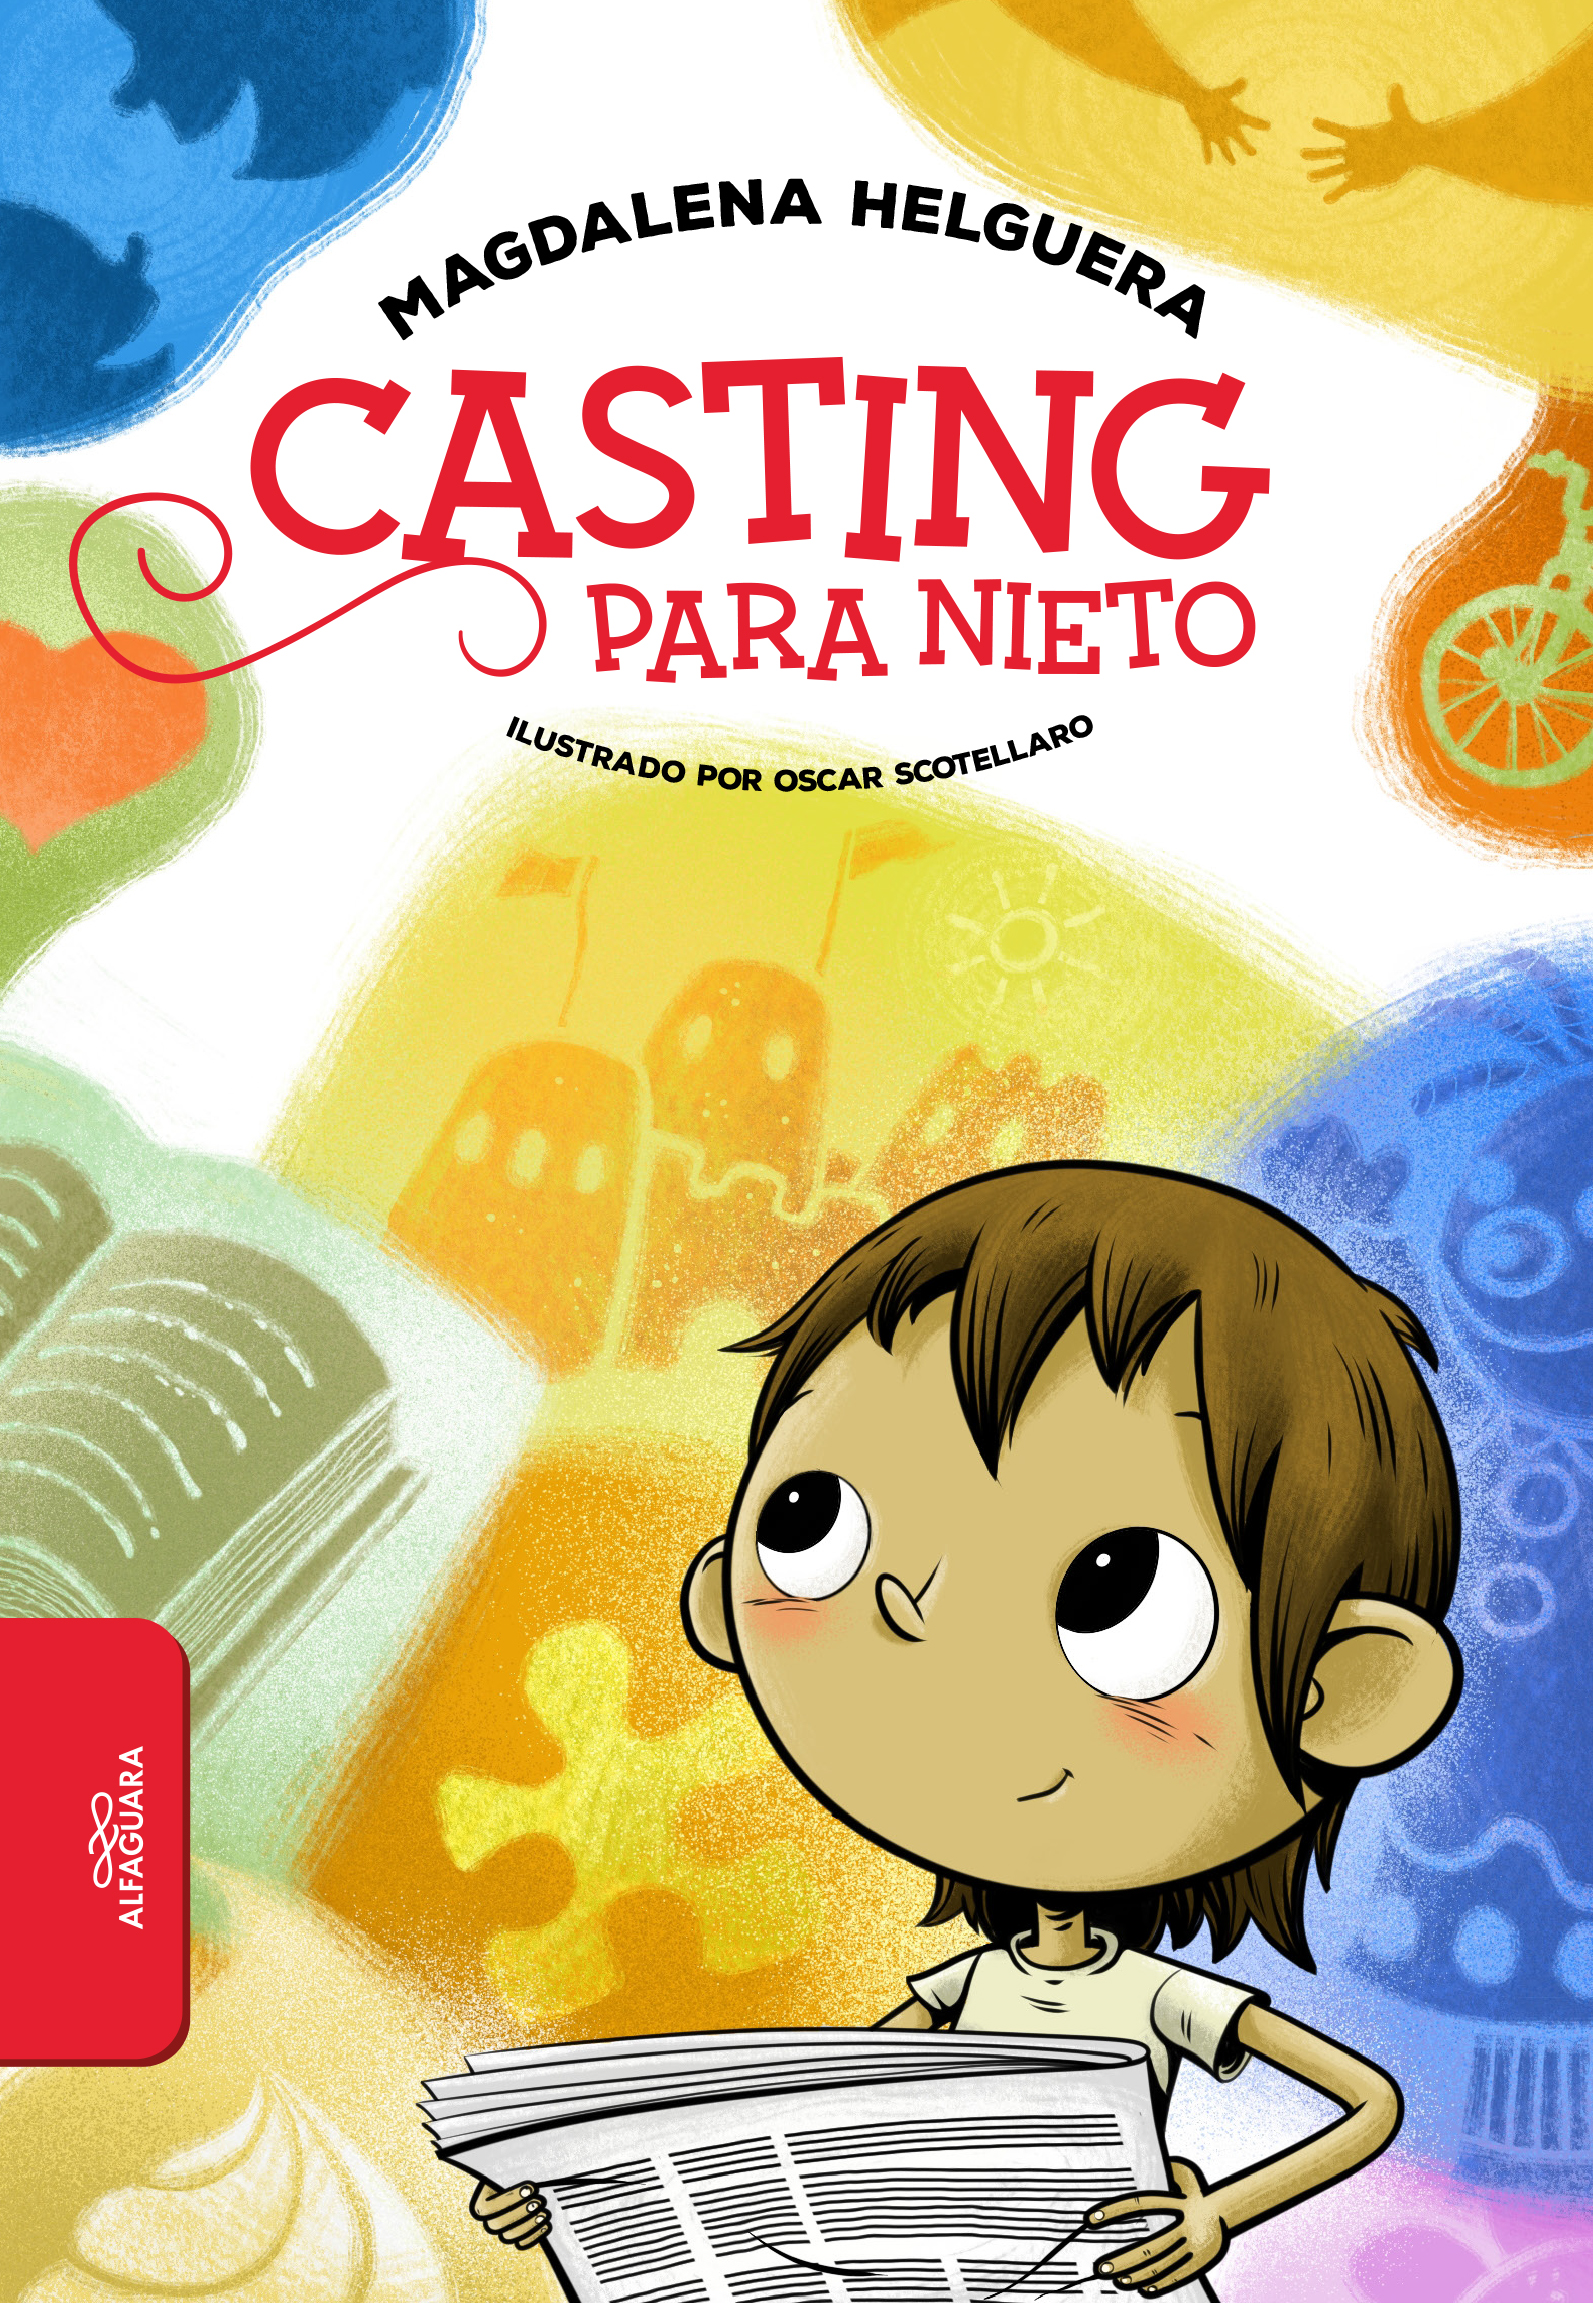 Casting para Nieto - Magdalena Helguera